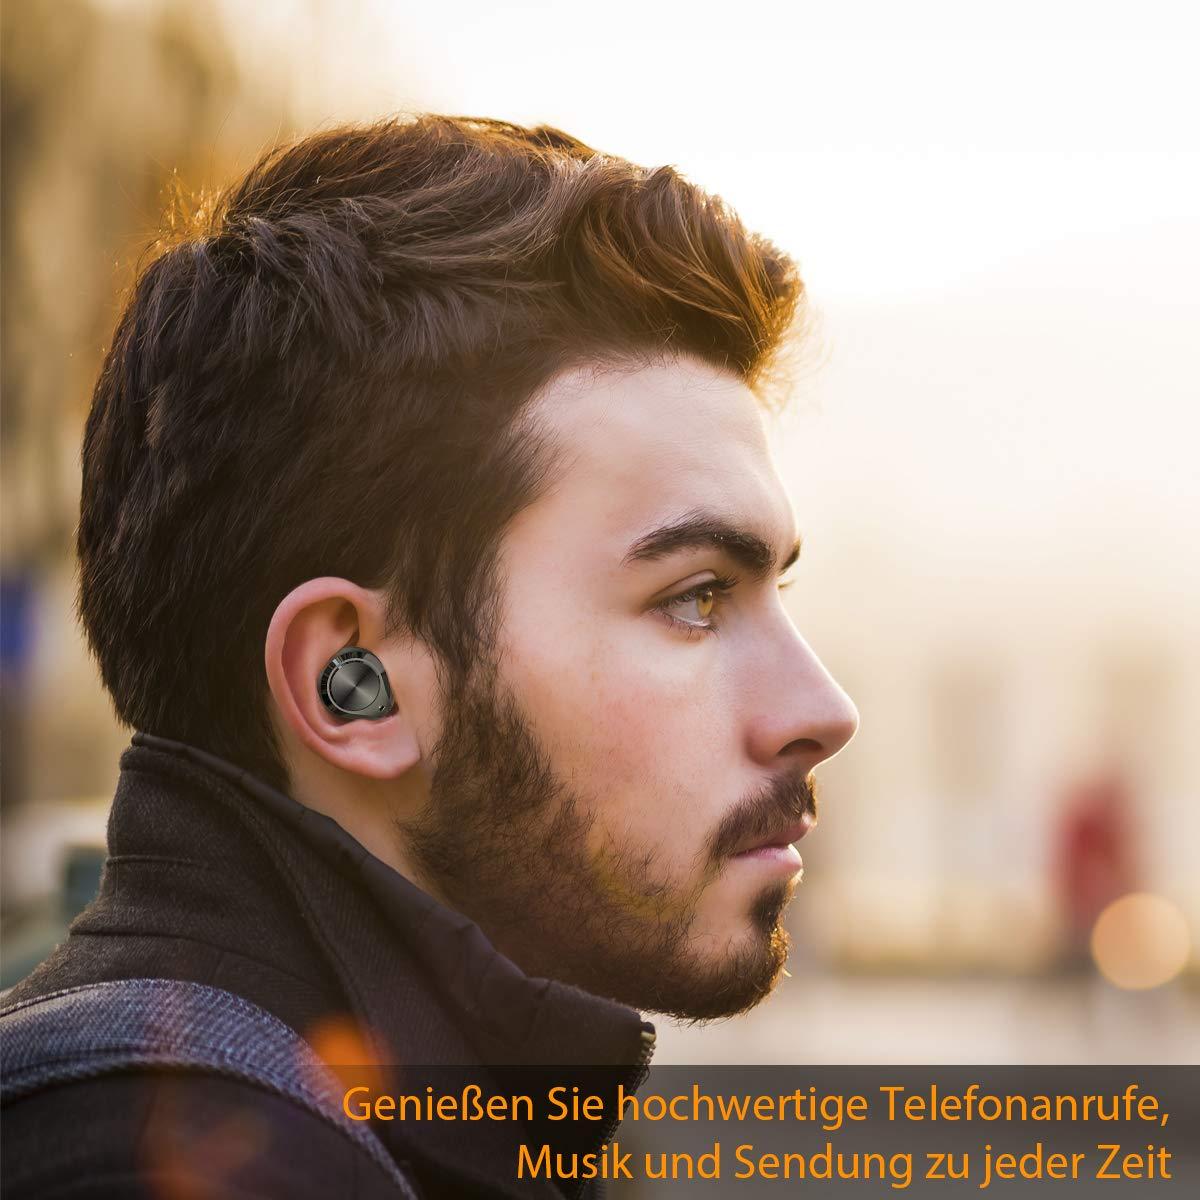 Bluetooth Kopfhörer In Ear Sport Kabellose Kopfhörer Bluetooth 5.0 Ohrhörer True Wireless Earbuds 3000mAh Batterie 7 Stunden Spielzeit One Step Pairing Touch-Funktion Hi-Fi Stereo IPX5 Wasserdicht